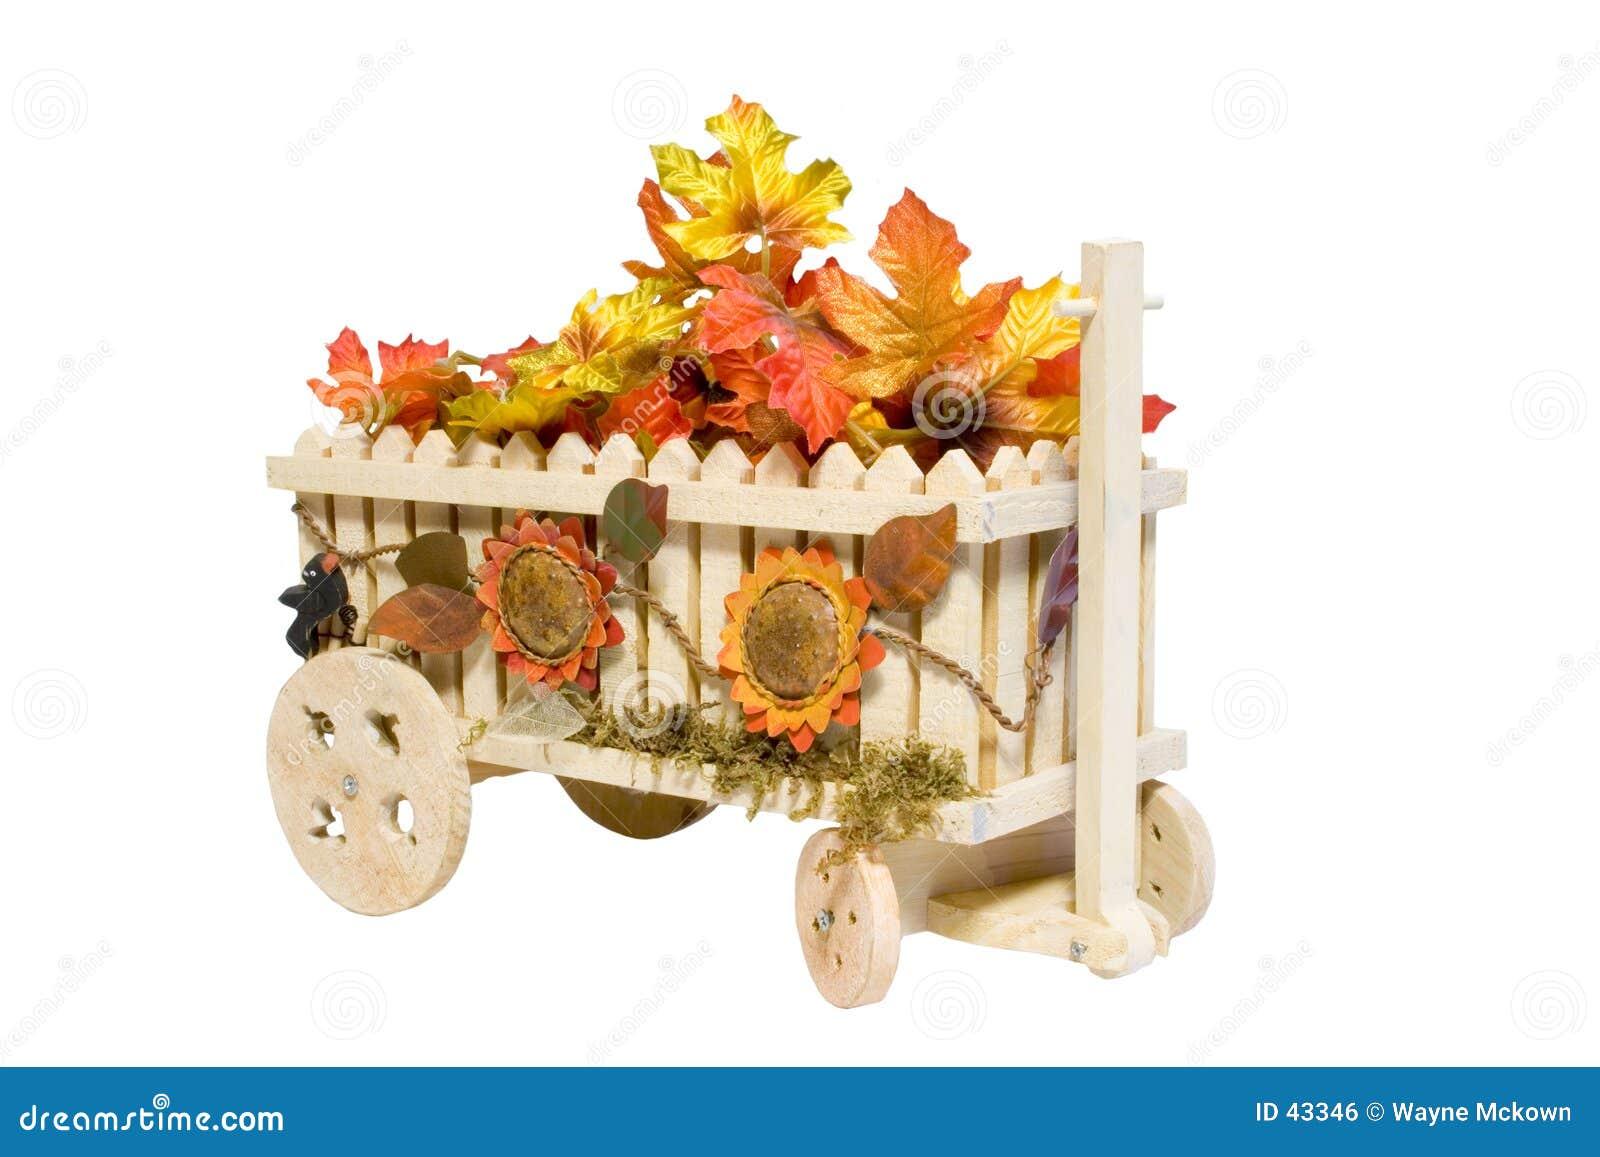 Download El carro de la flor. foto de archivo. Imagen de navidad - 43346